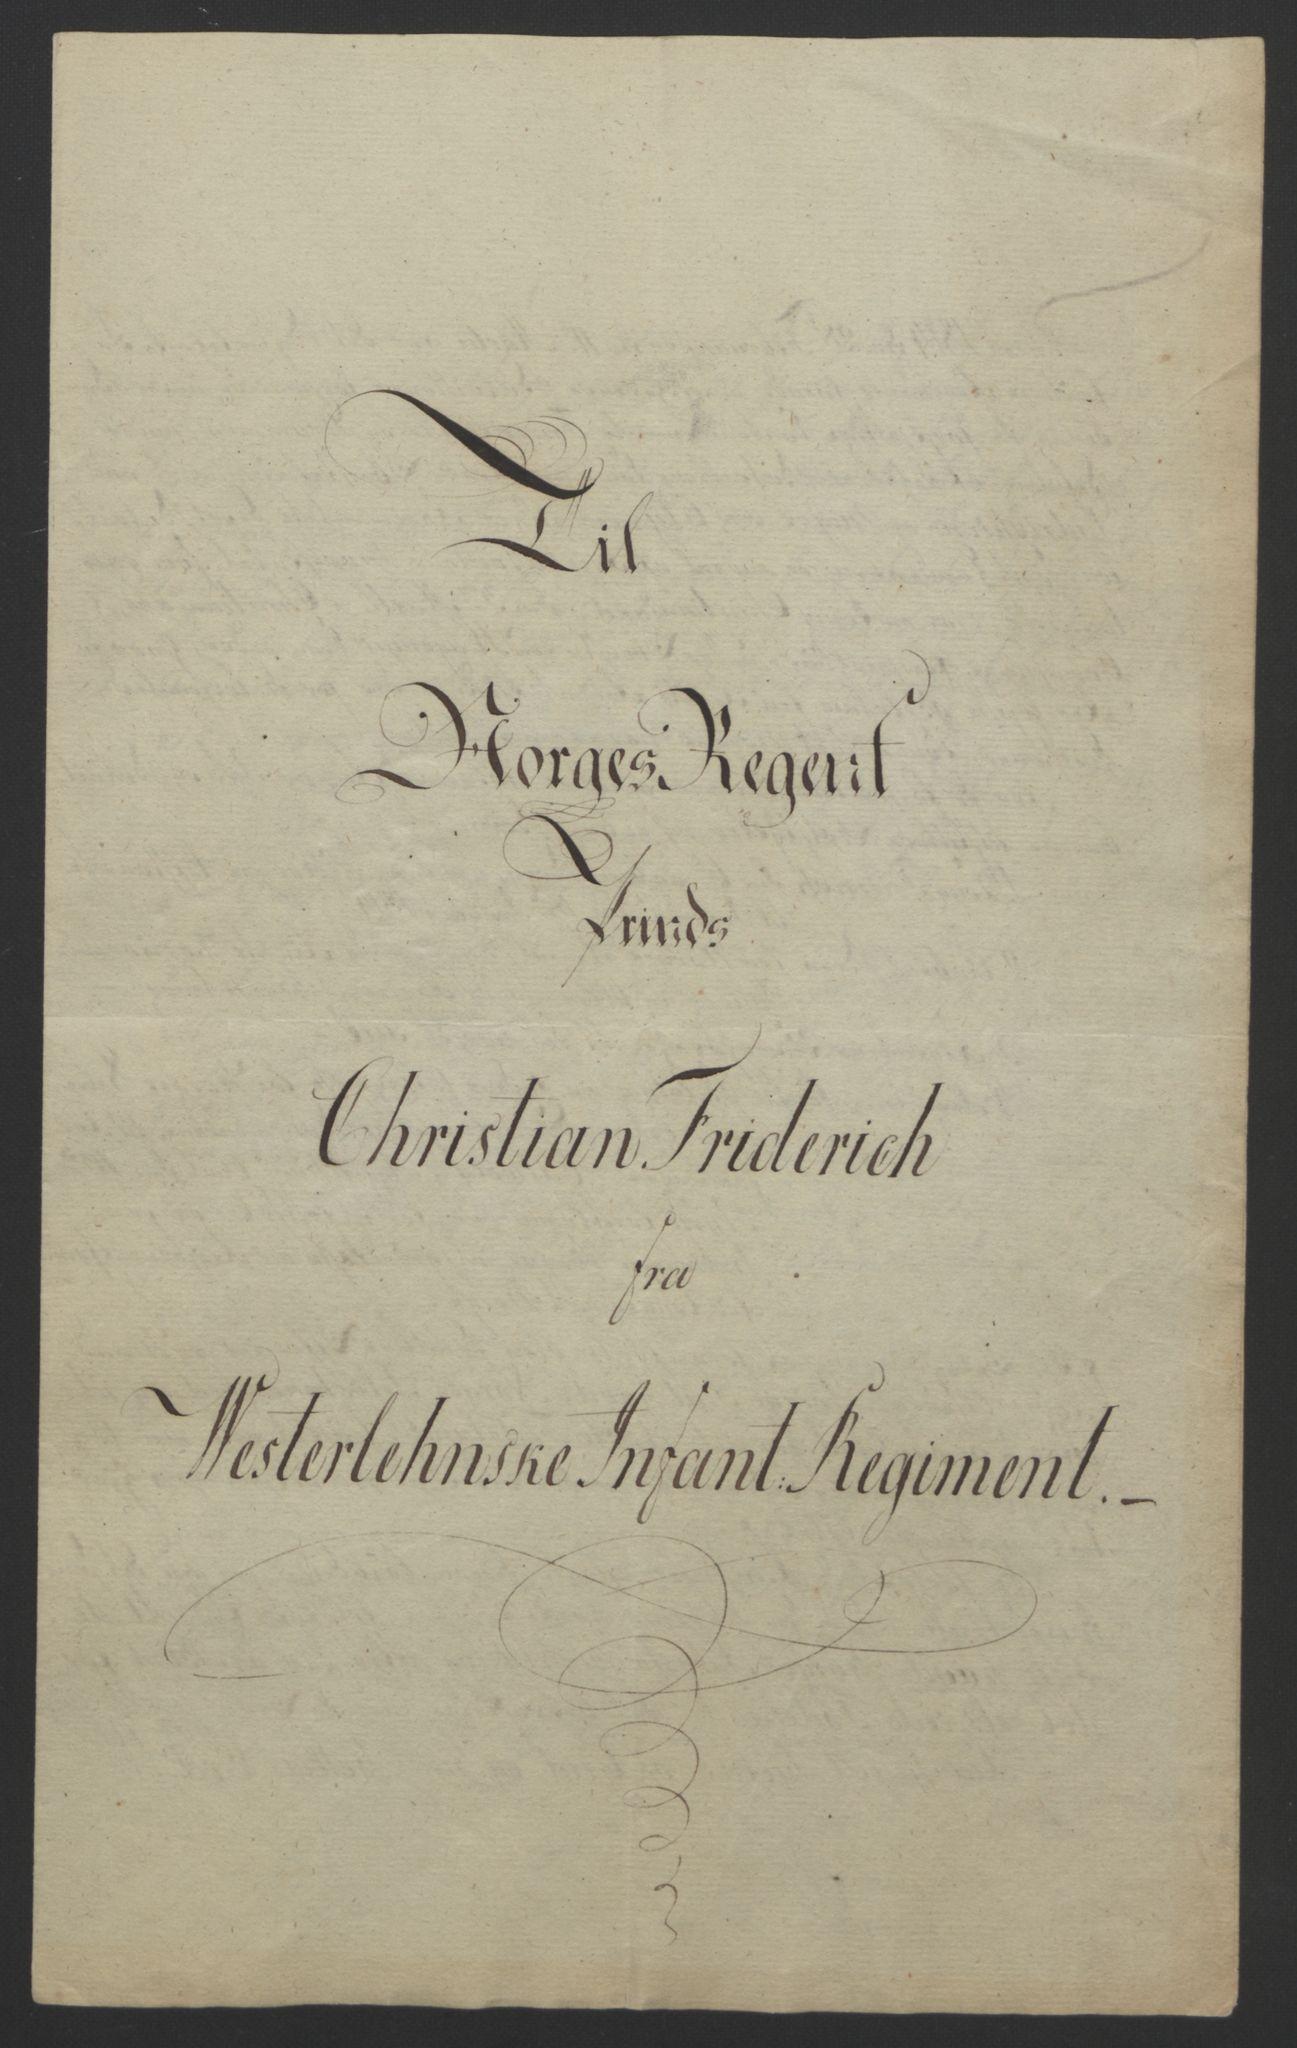 RA, Statsrådssekretariatet, D/Db/L0007: Fullmakter for Eidsvollsrepresentantene i 1814. , 1814, s. 120